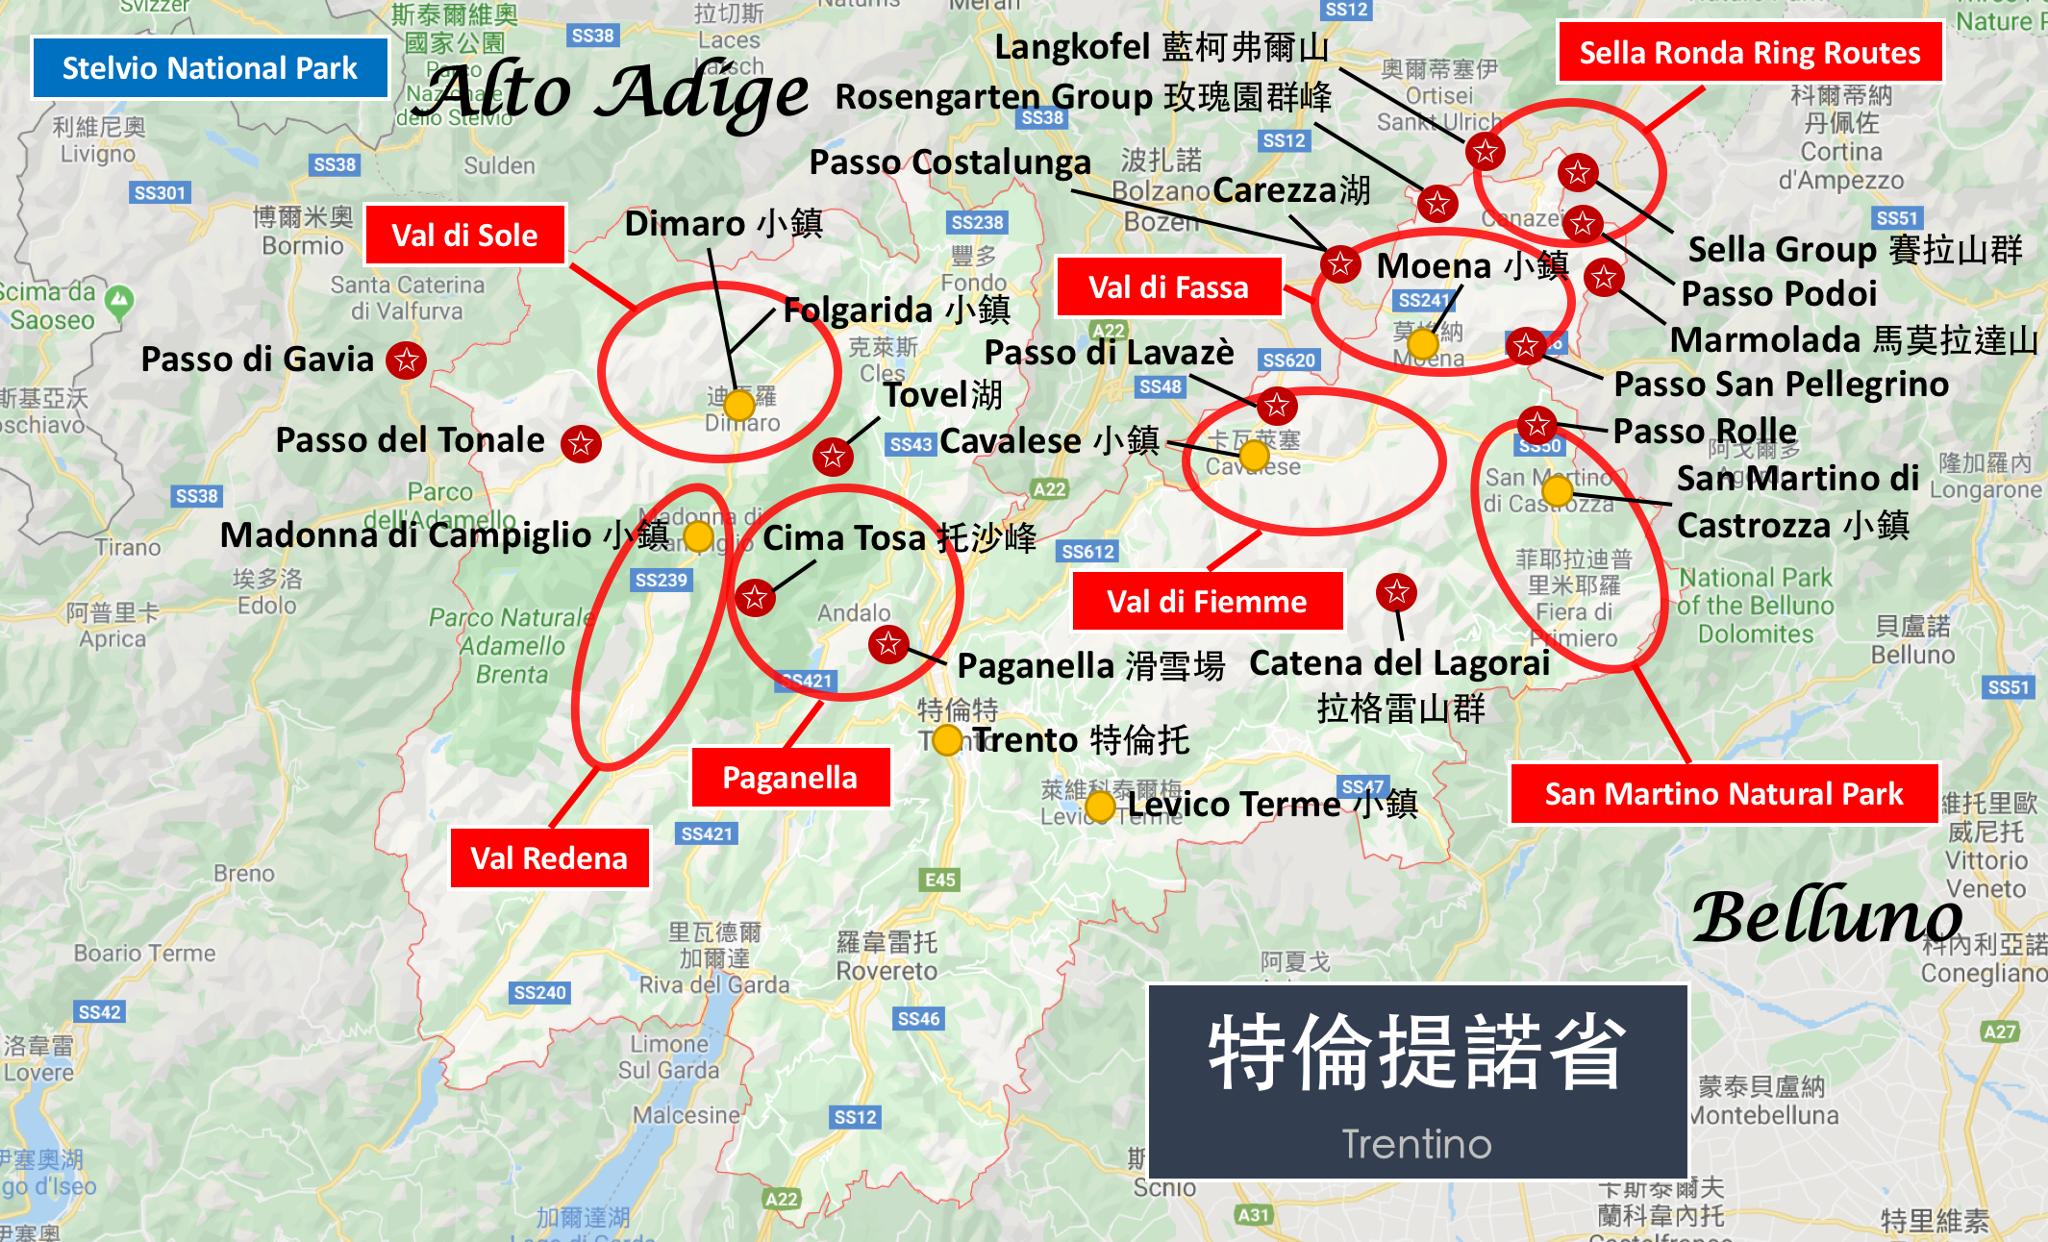 【義大利】健行在阿爾卑斯的絕美秘境:多洛米提山脈 (The Dolomites) 行程規劃全攻略 18